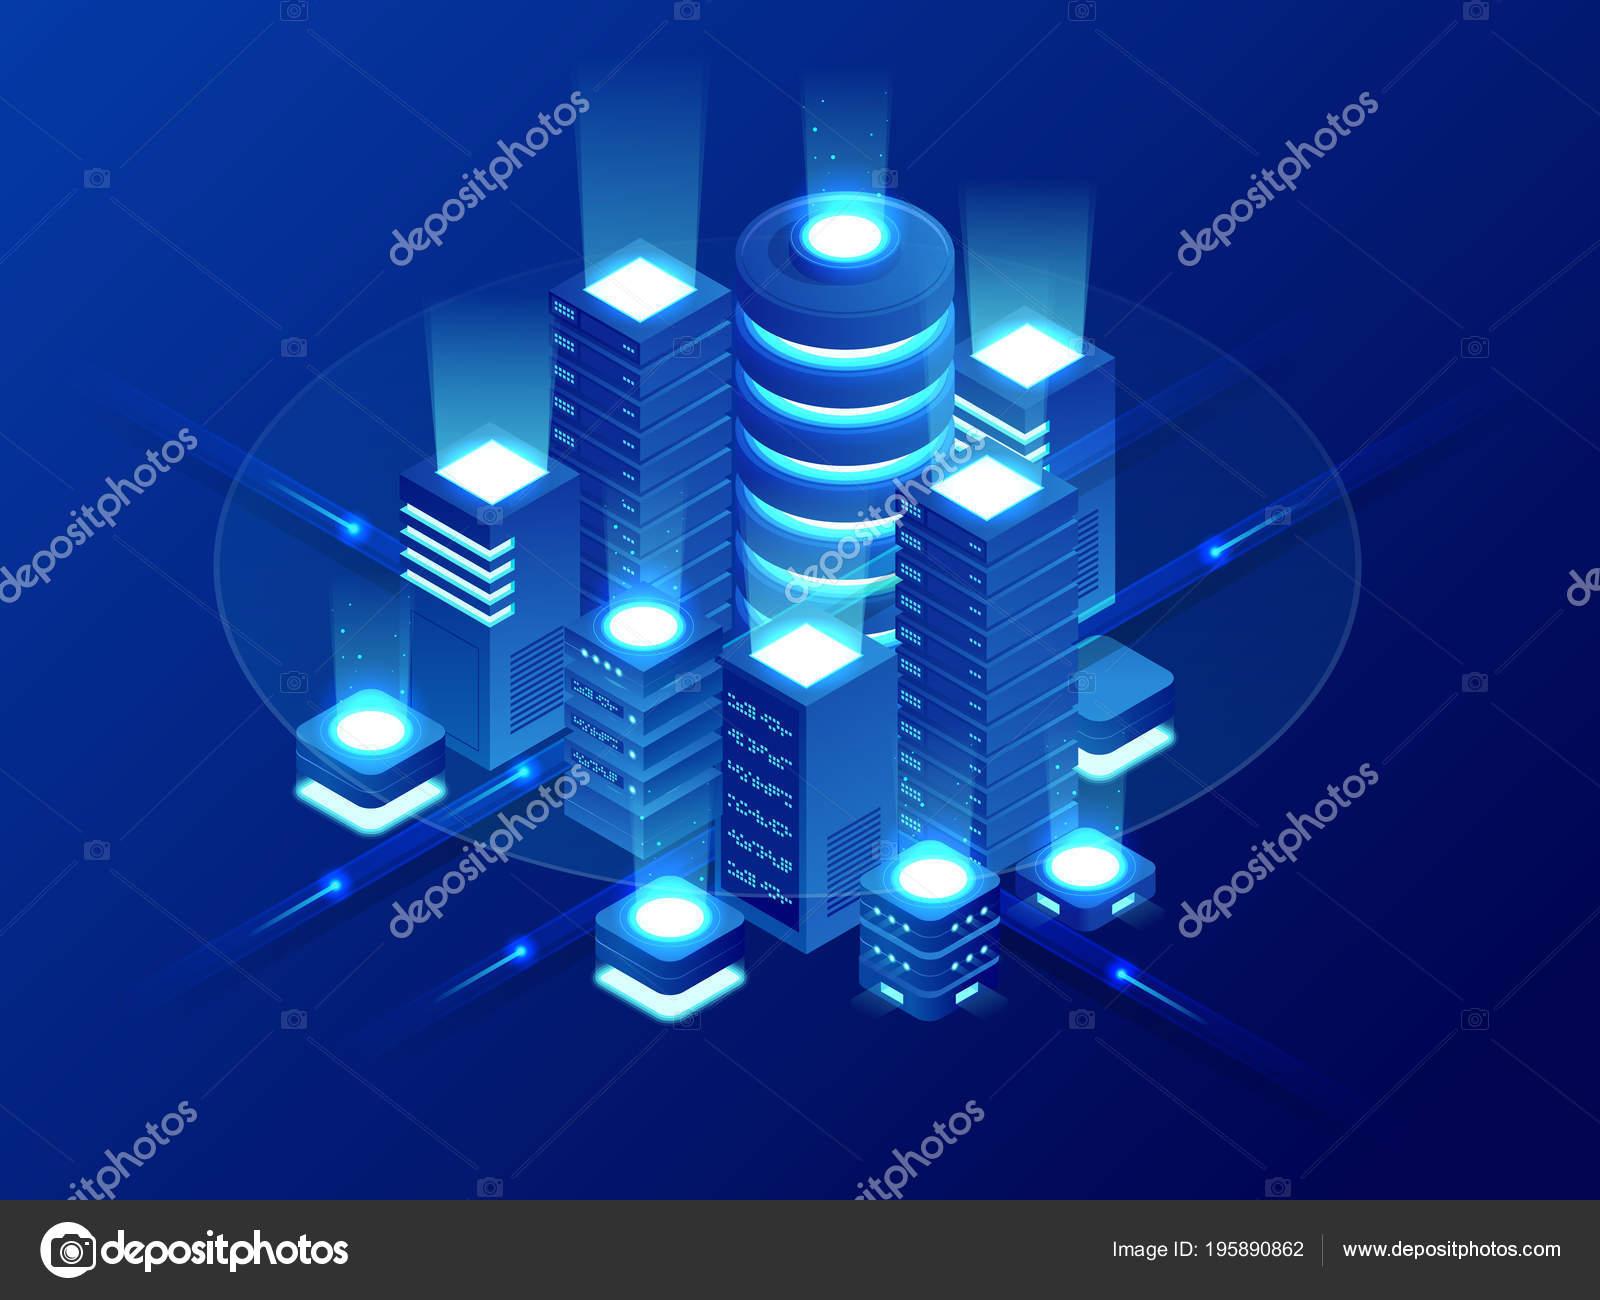 Веб хостинг для хранения файлов бесплатный хостинг a